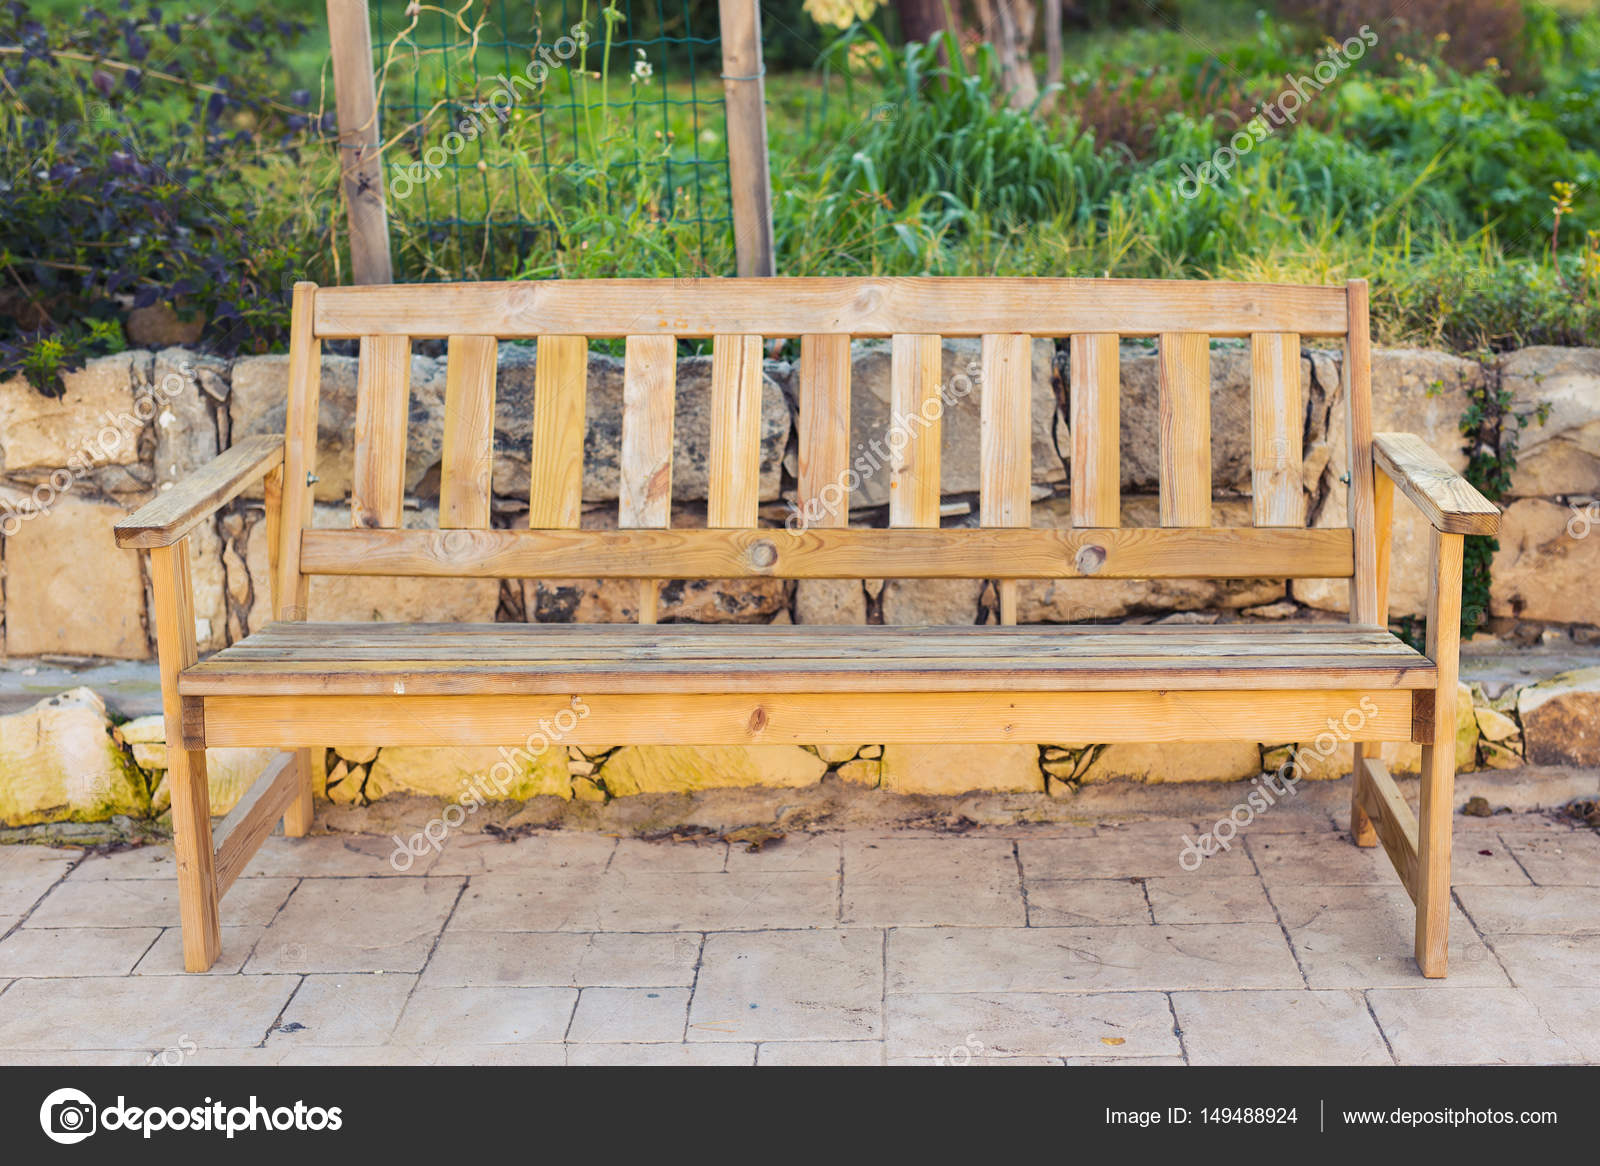 Houten Bankje Buiten.De Houten Bankje Buiten Natuur In Zen Tuin Stijl Stockfoto